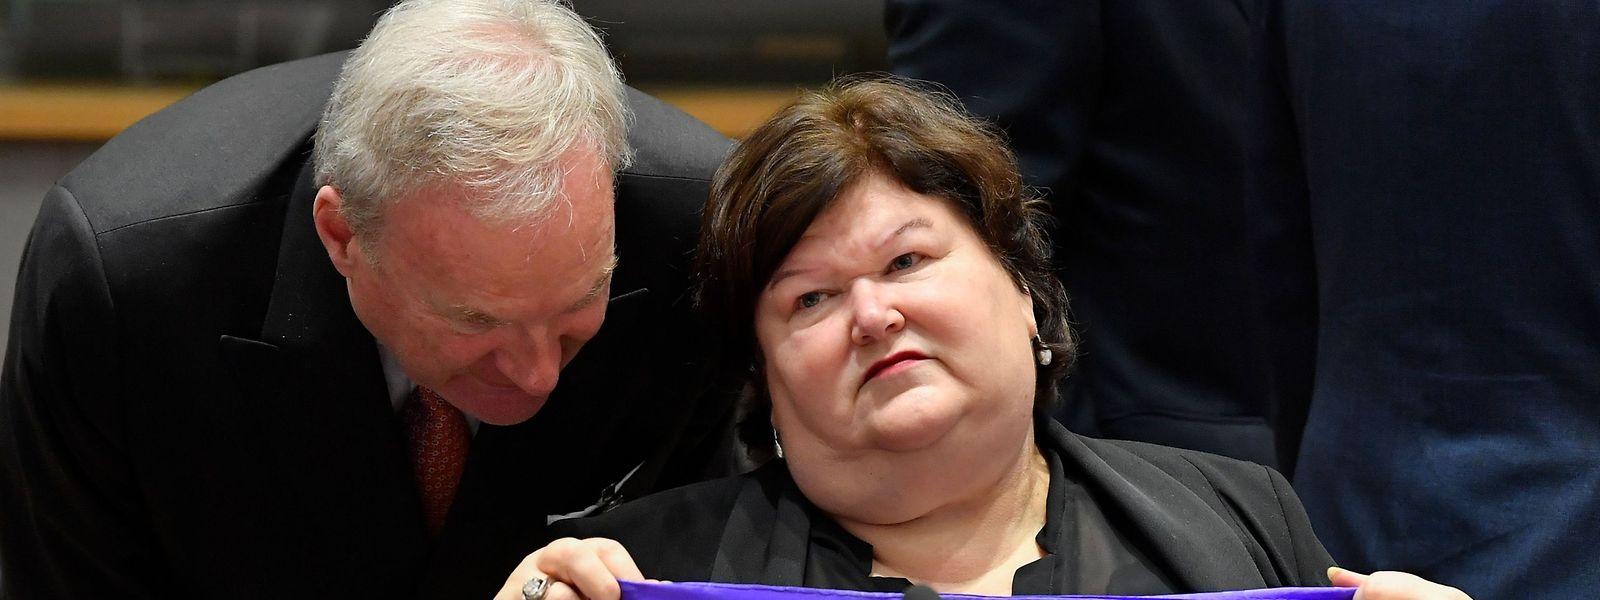 La ministre de la Santé, Maggie De Block, fait plus la Une de l'actualité que les deux formateurs.